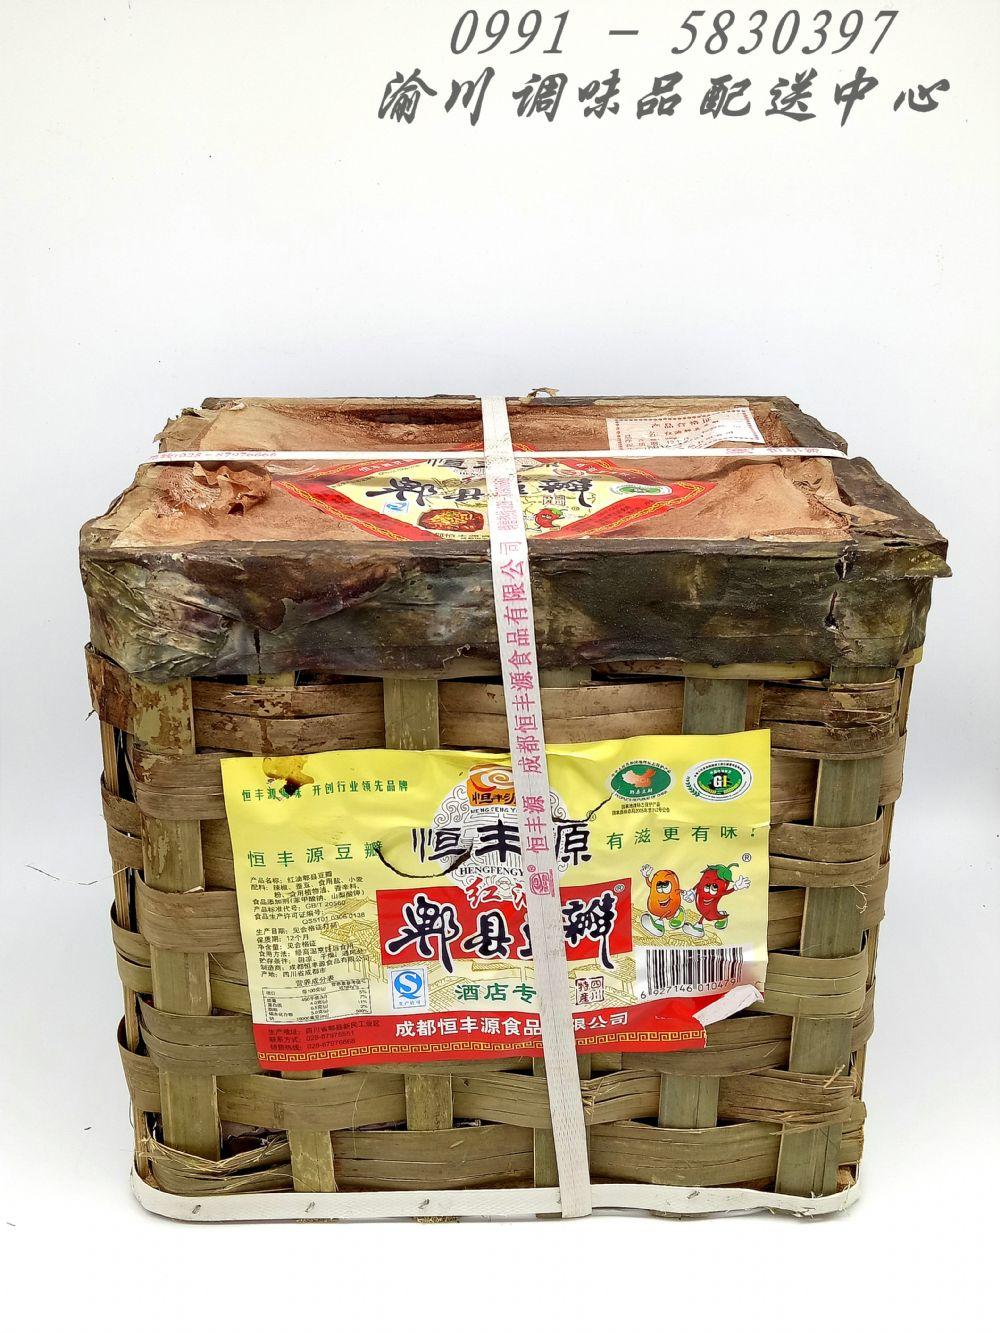 渝川调味品配送中心